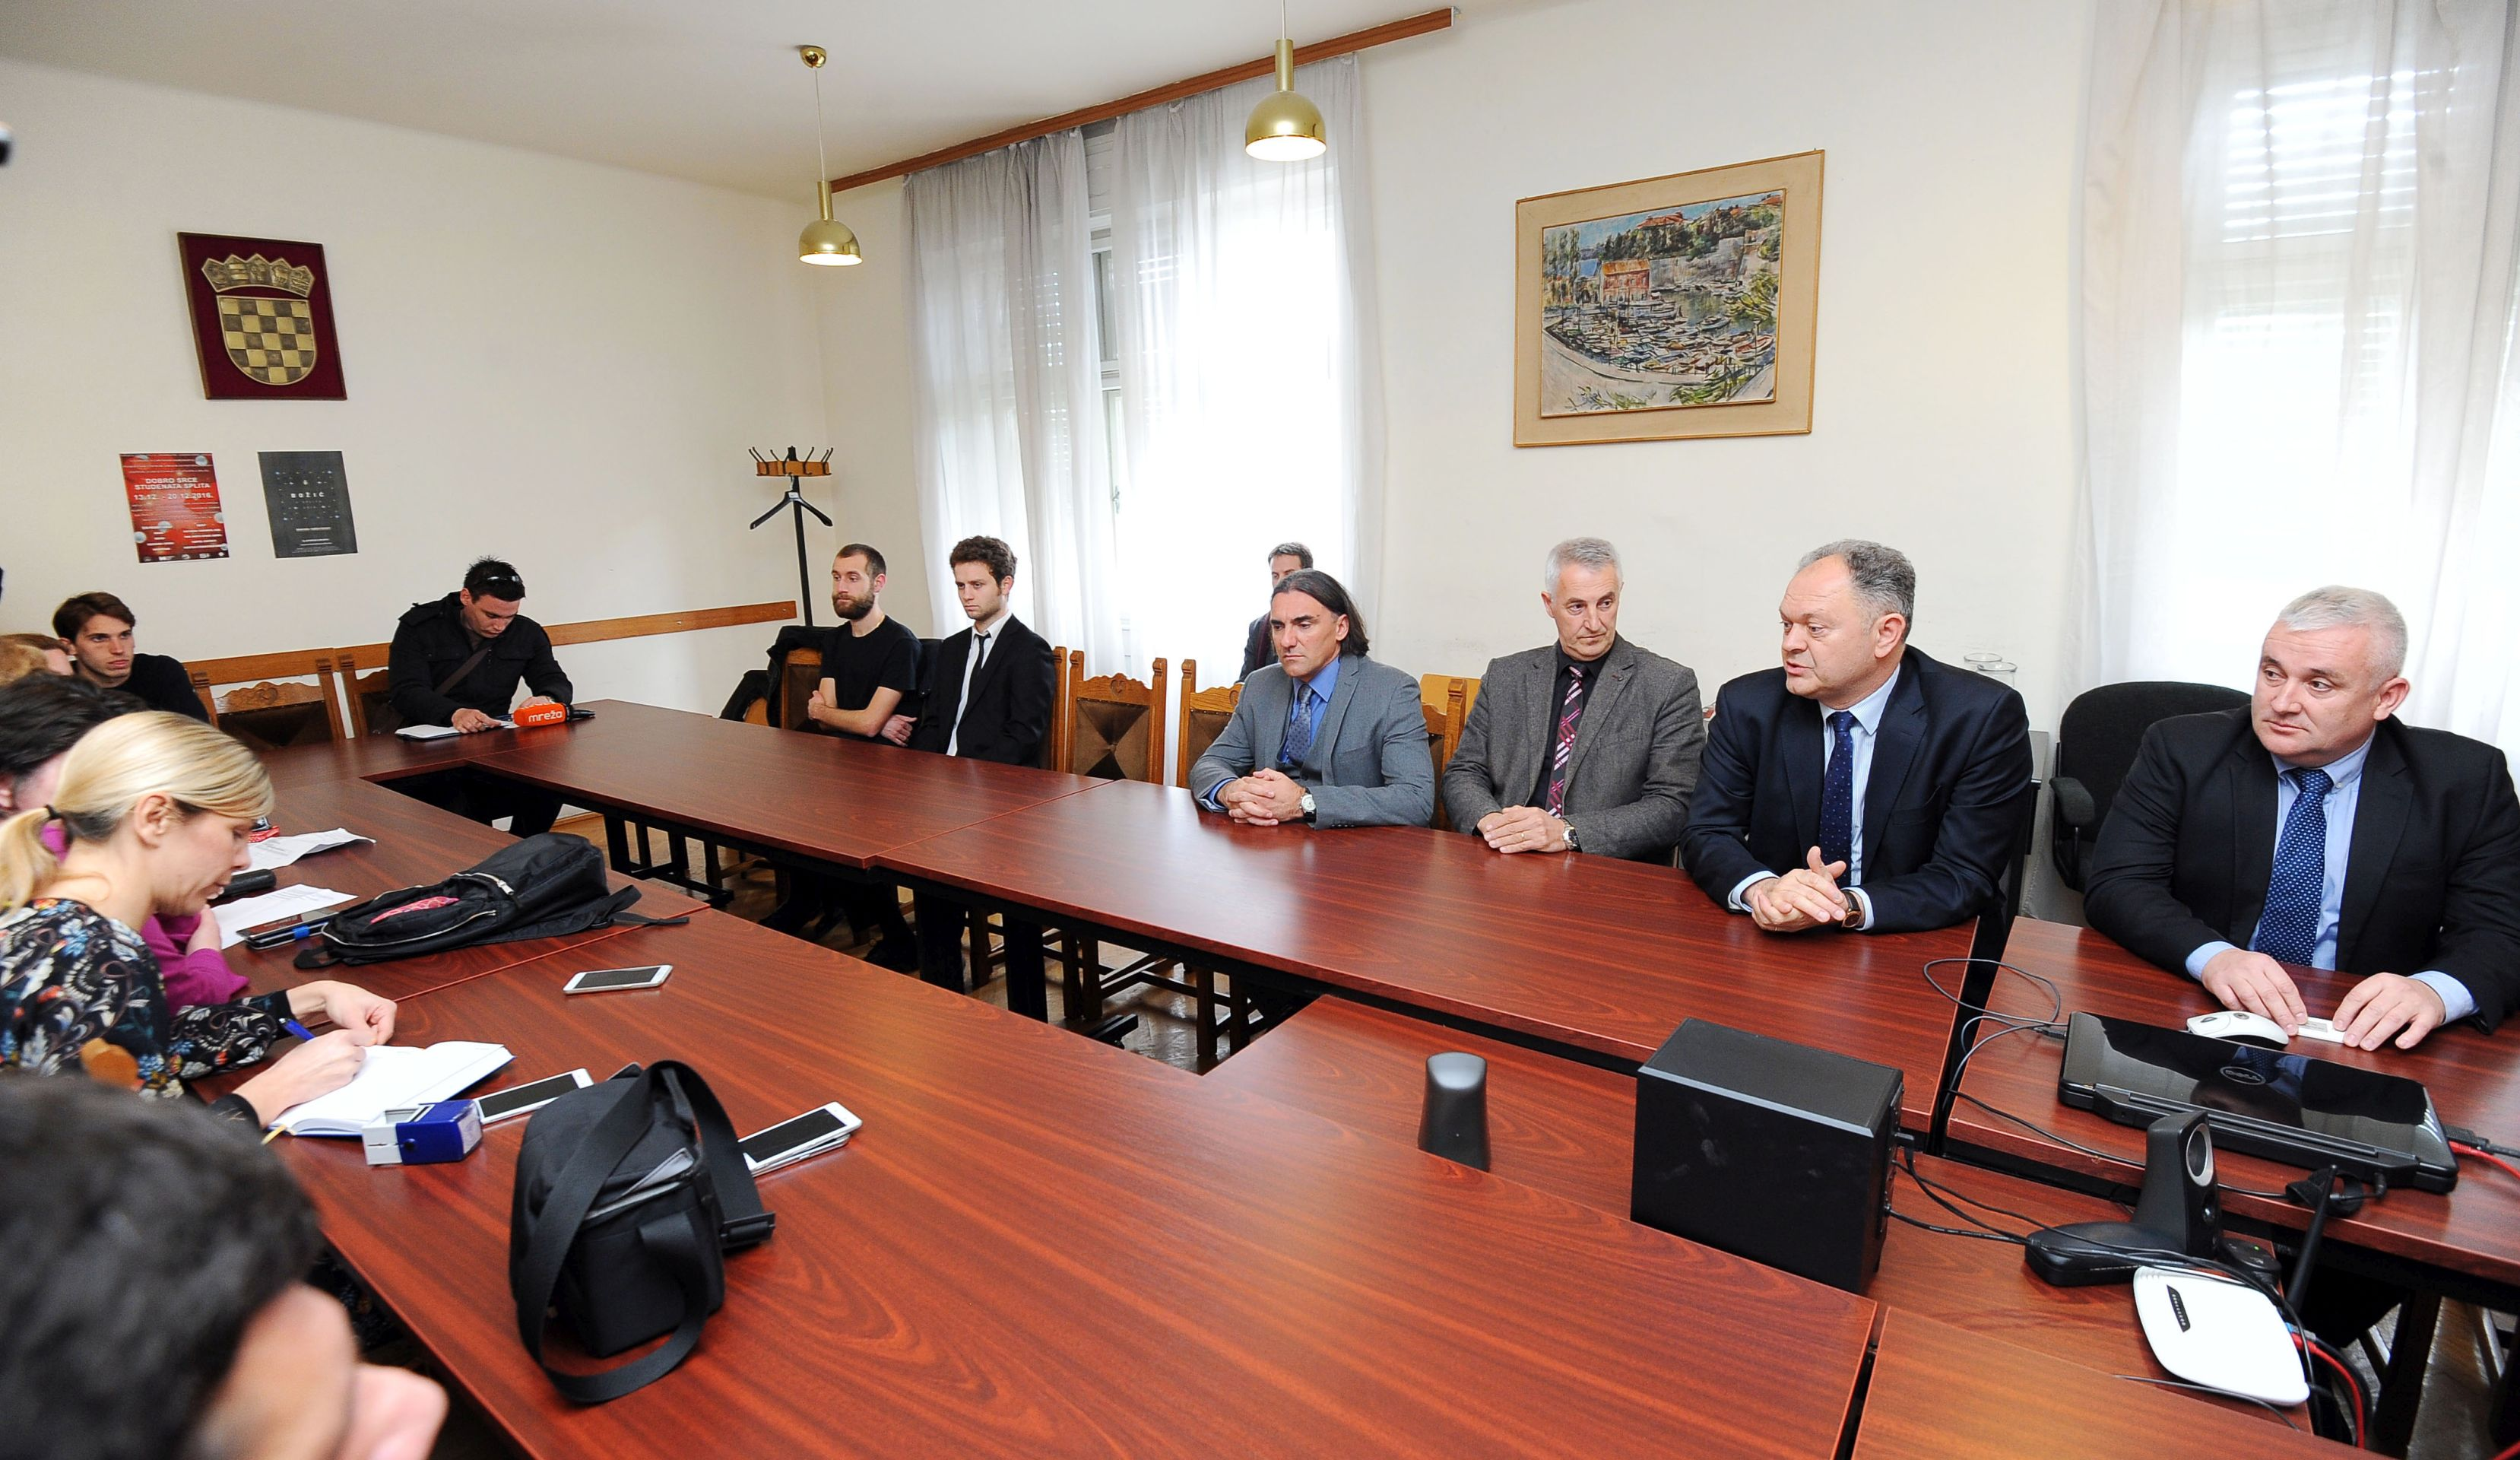 Splitske studentske udruge dobile 1,7 milijuna kuna za projekte